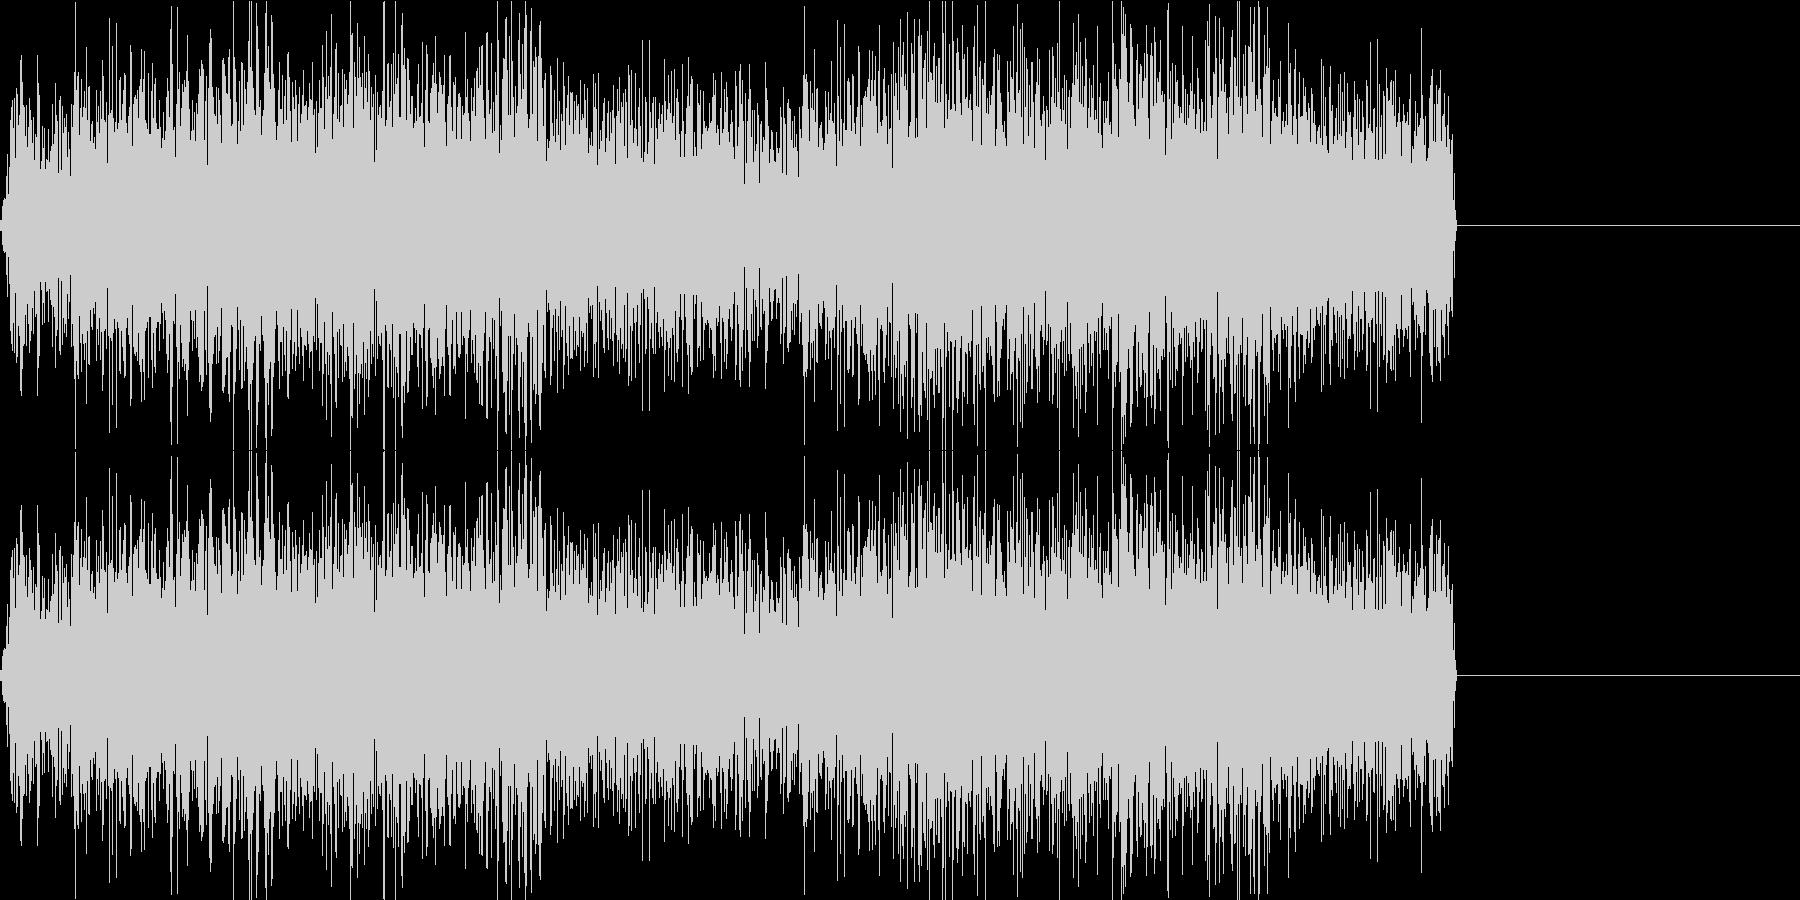 工場 工業地帯 ノイズ 機械音の未再生の波形